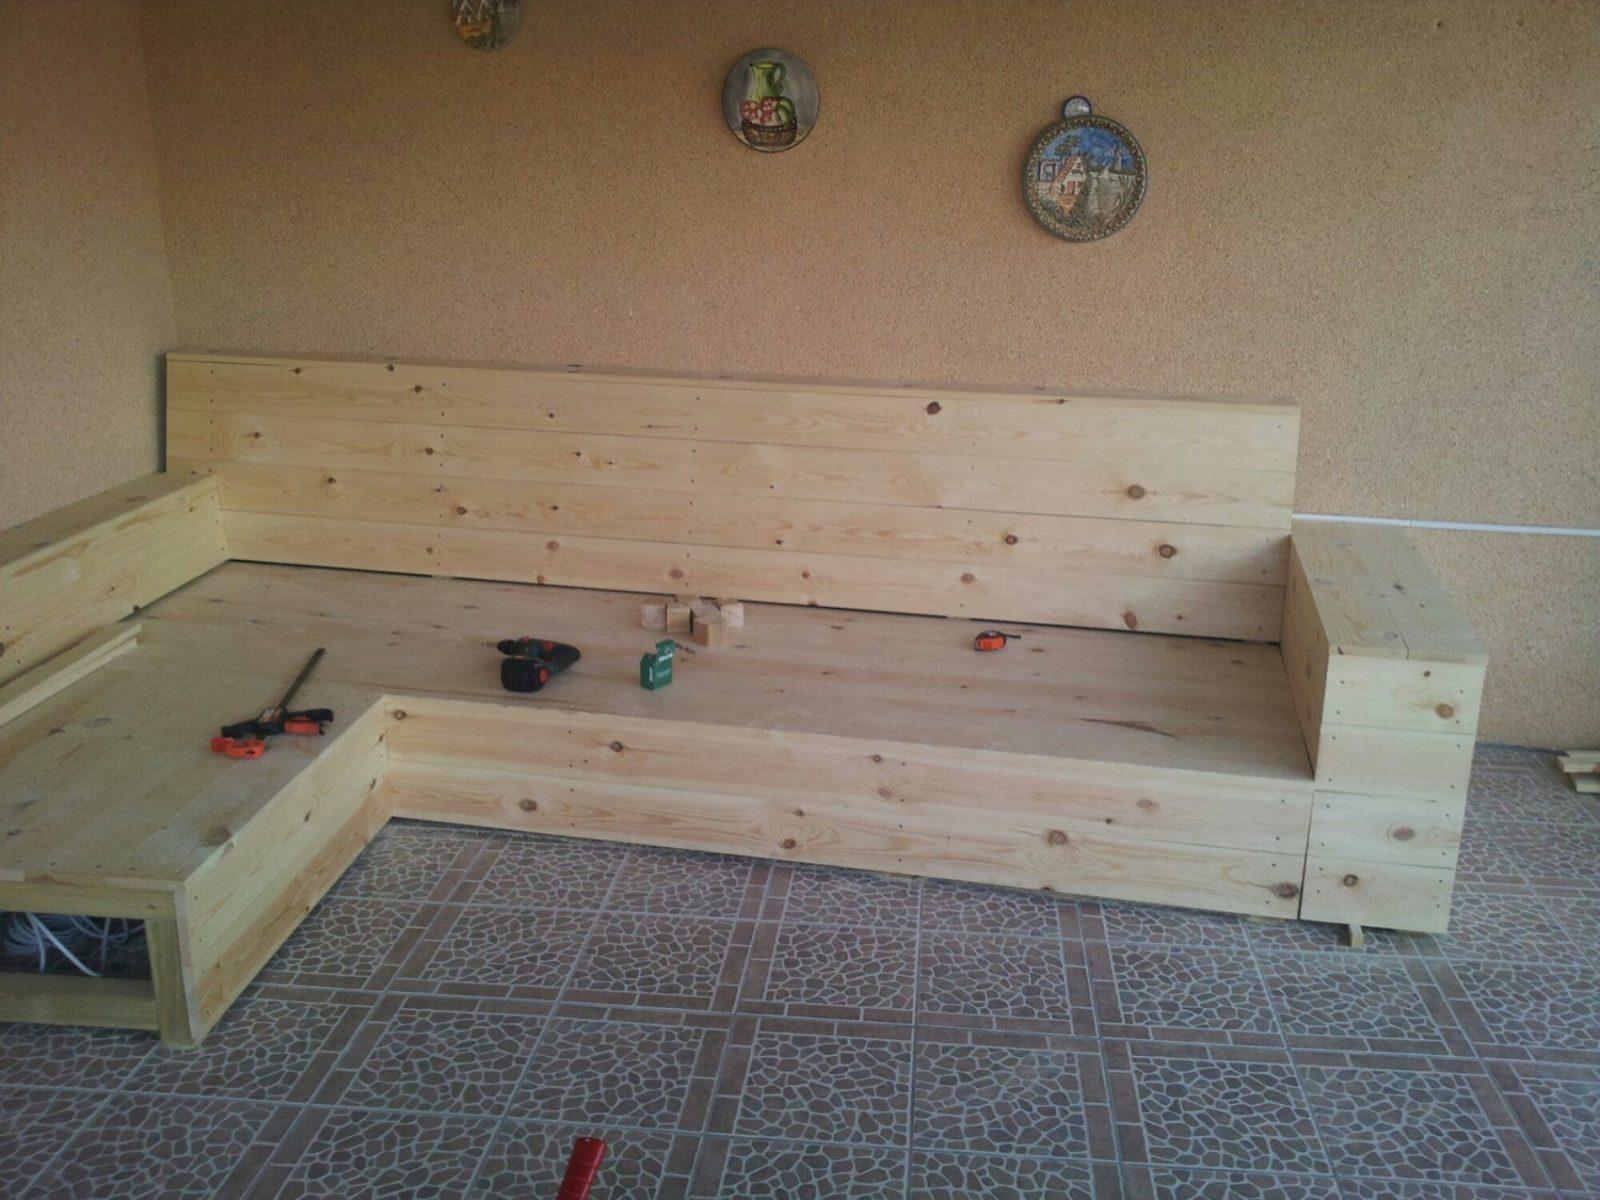 Outdoor Lounge Selber Bauen Gw37 – Hitoiro von Lounge Gartenmöbel Holz Selber Bauen Photo